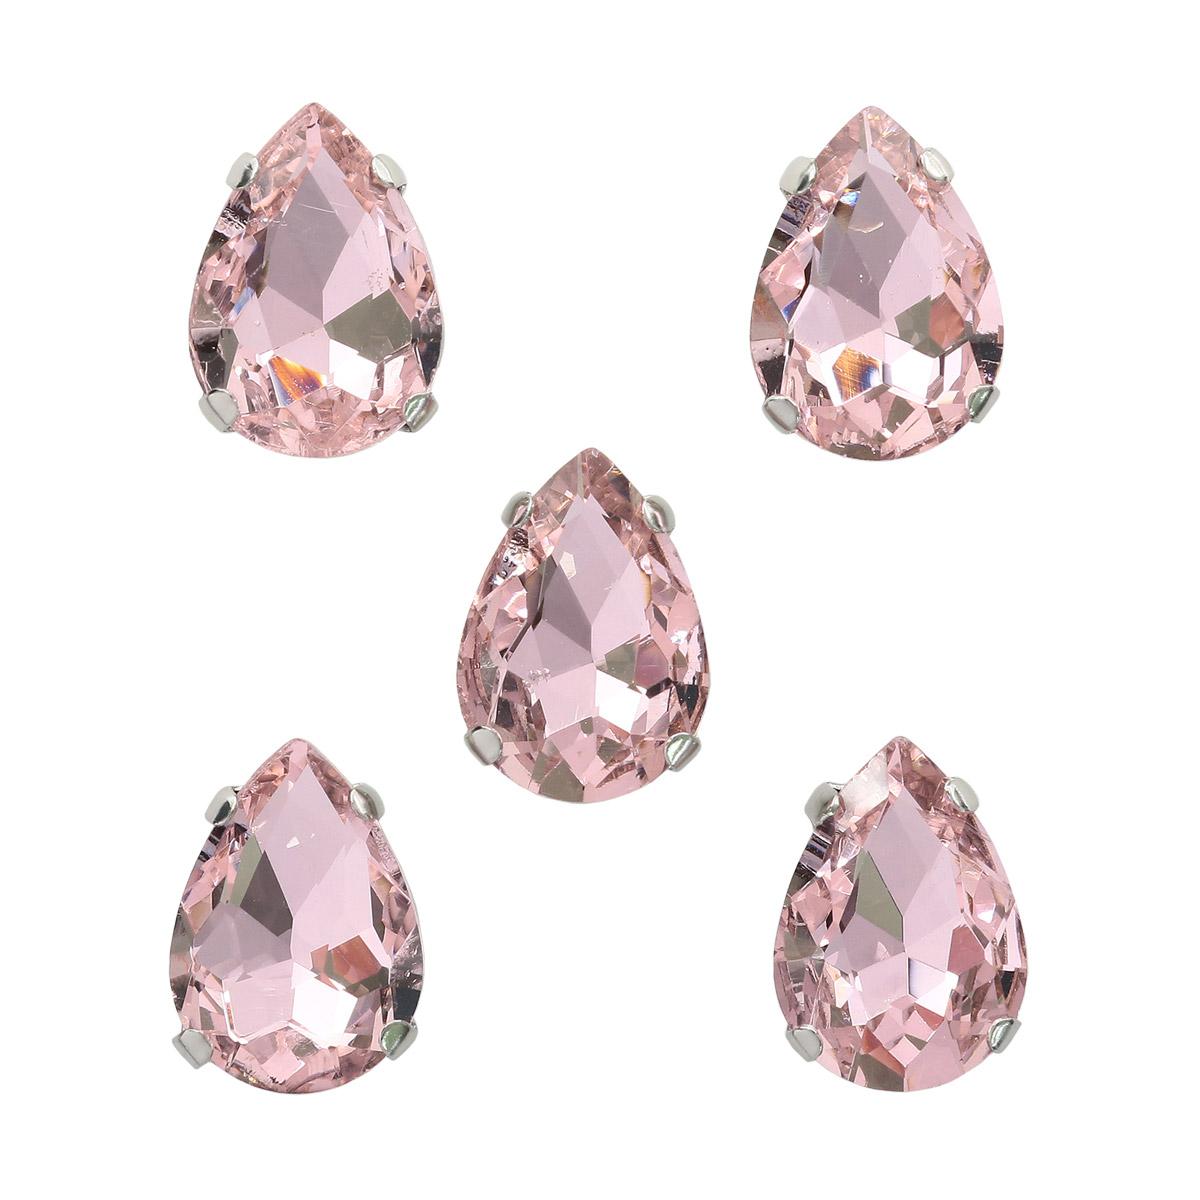 АЦ006НН1014 Хрустальные стразы в цапах формы 'капля', розовый 10х14 мм, 5 шт.